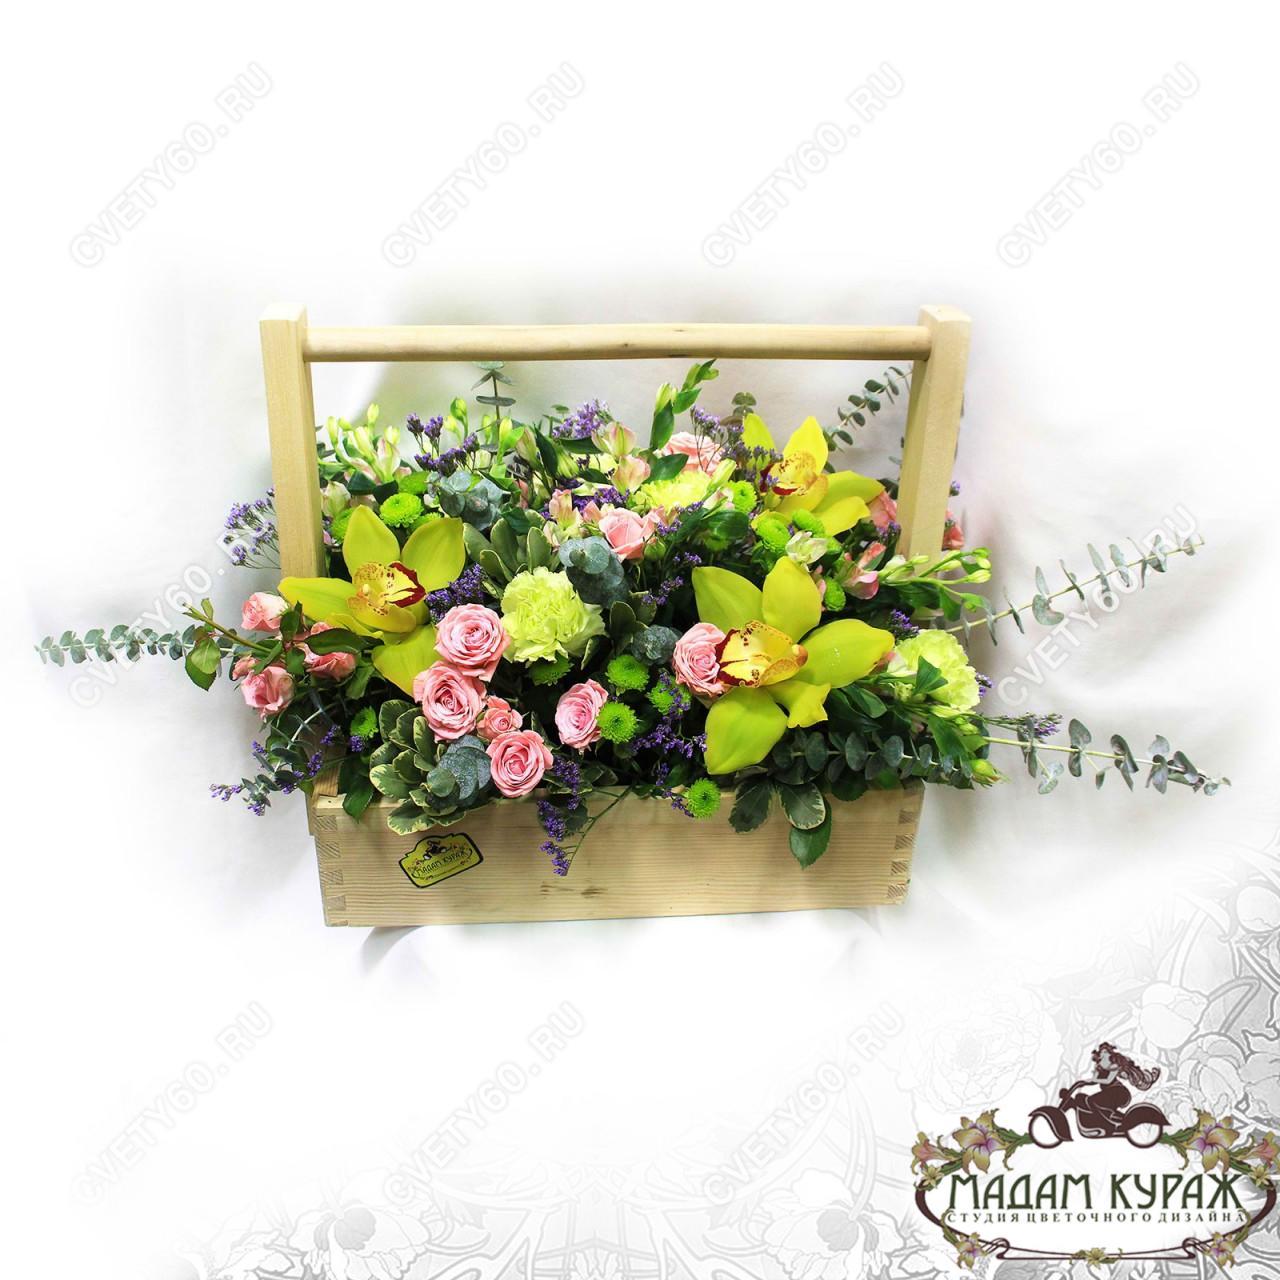 Цветочное поздравление в Пскове